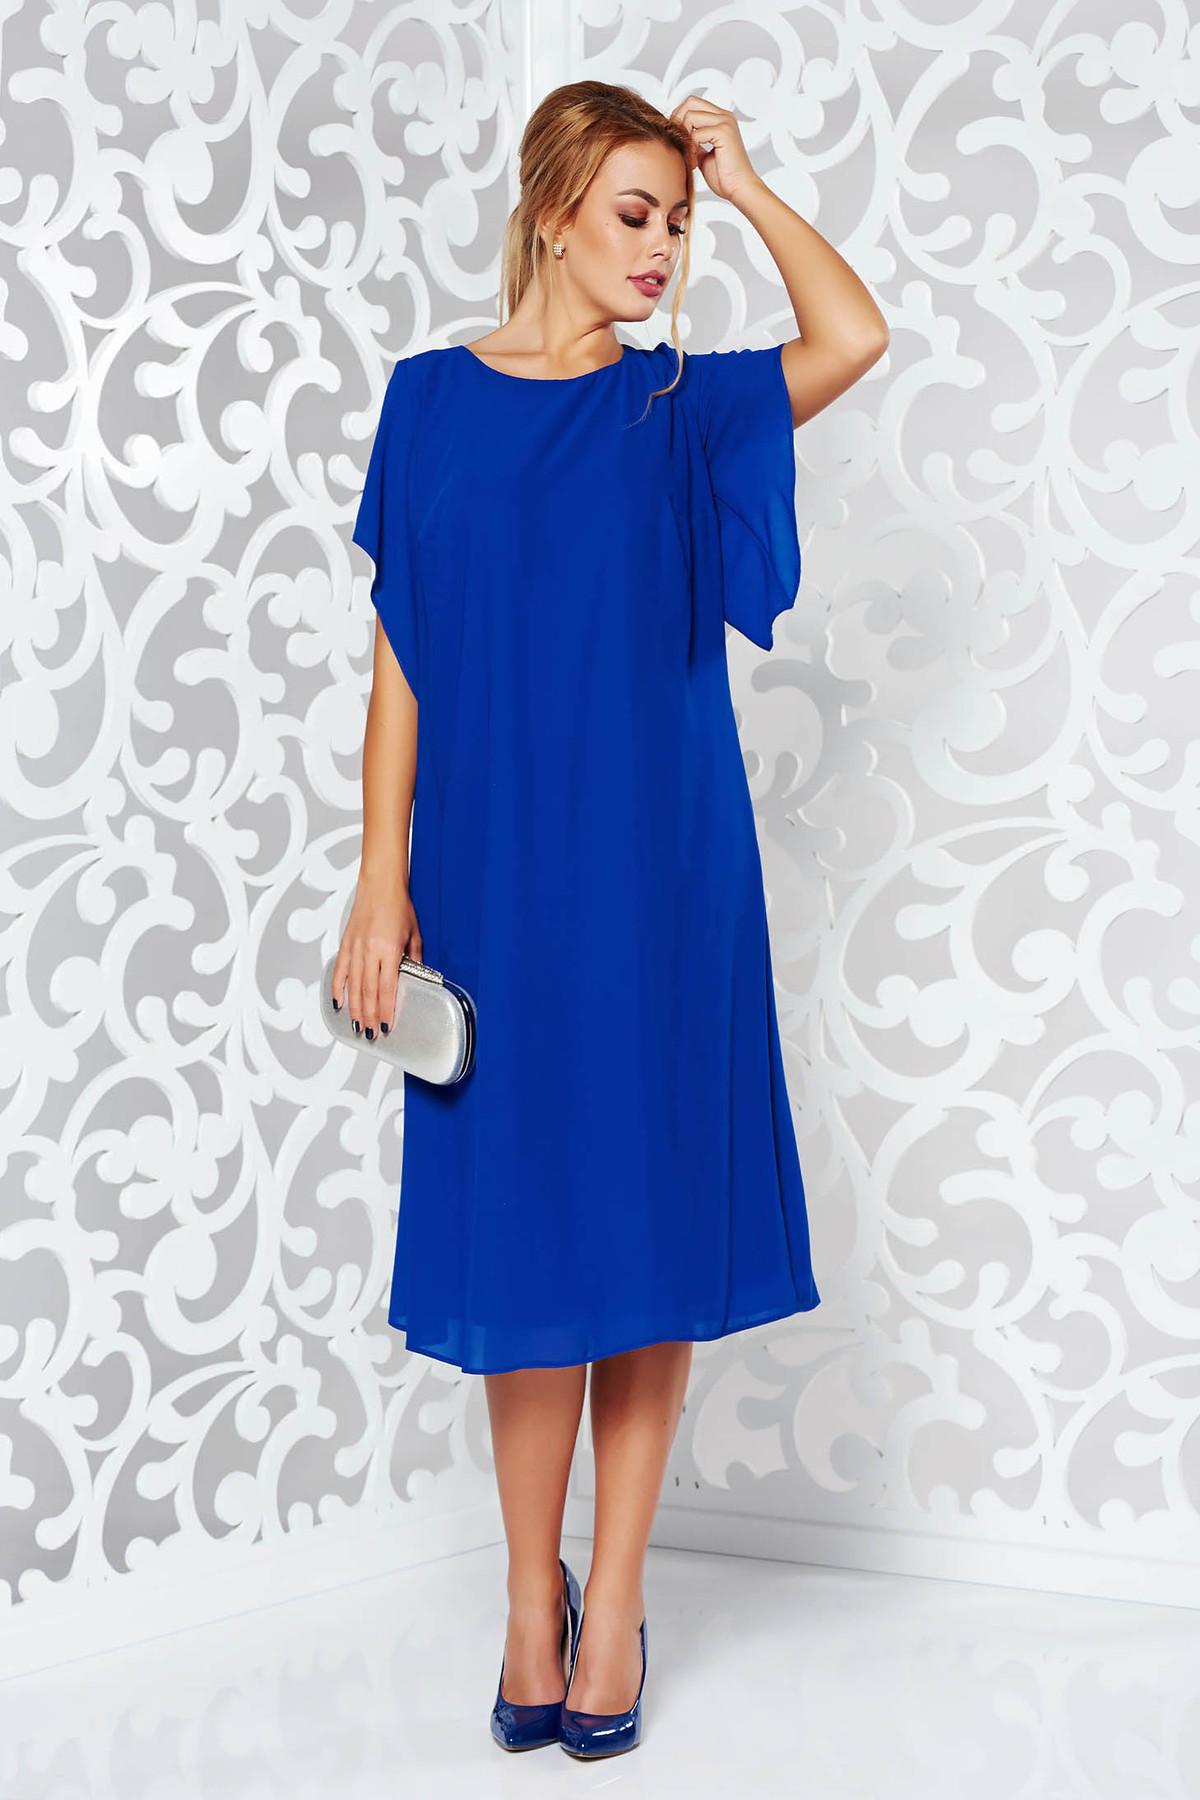 Rochie albastra eleganta cu croi larg din voal captusita pe interior cu maneci largi